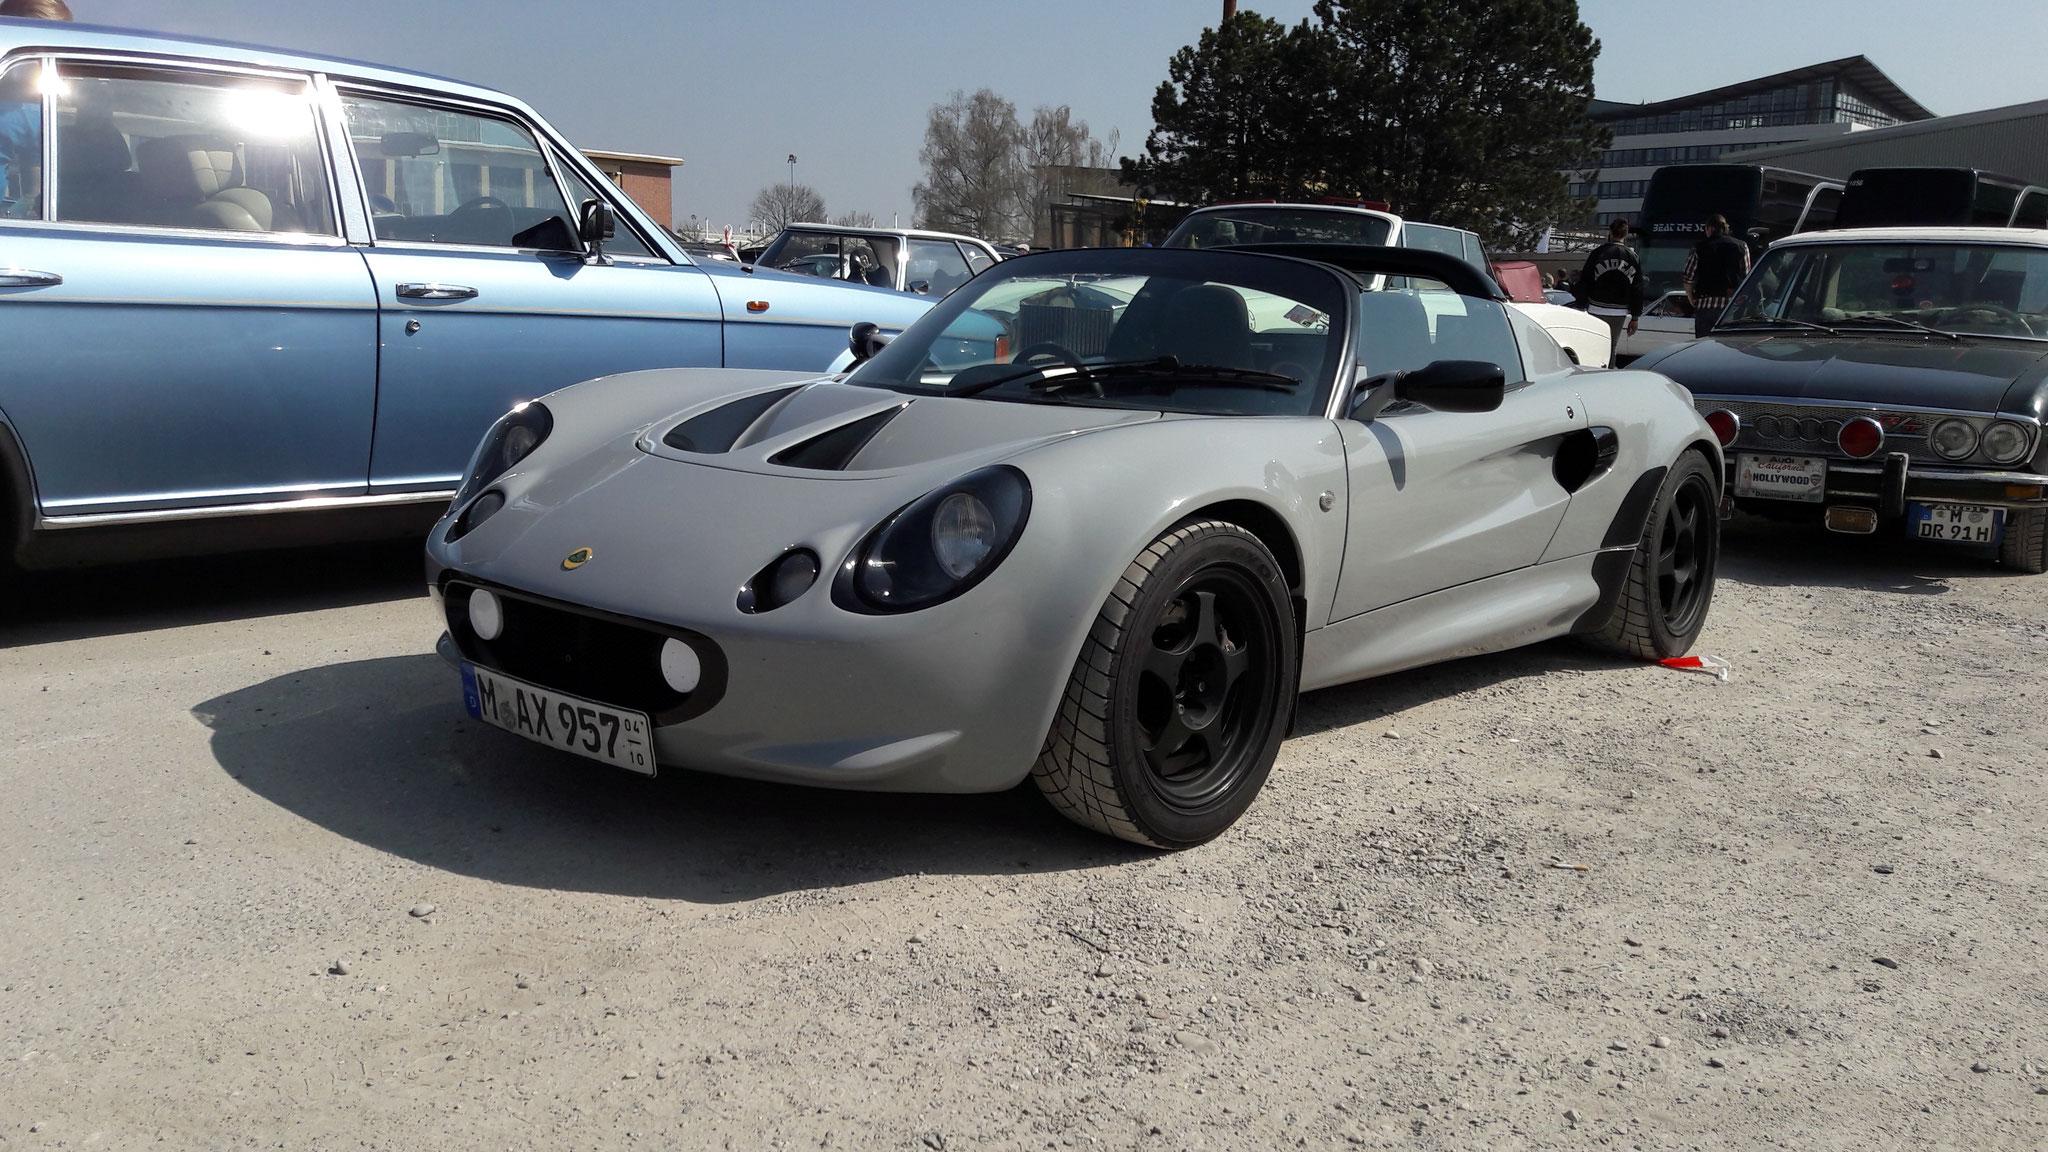 Lotus Elise S1 - M-AX-957